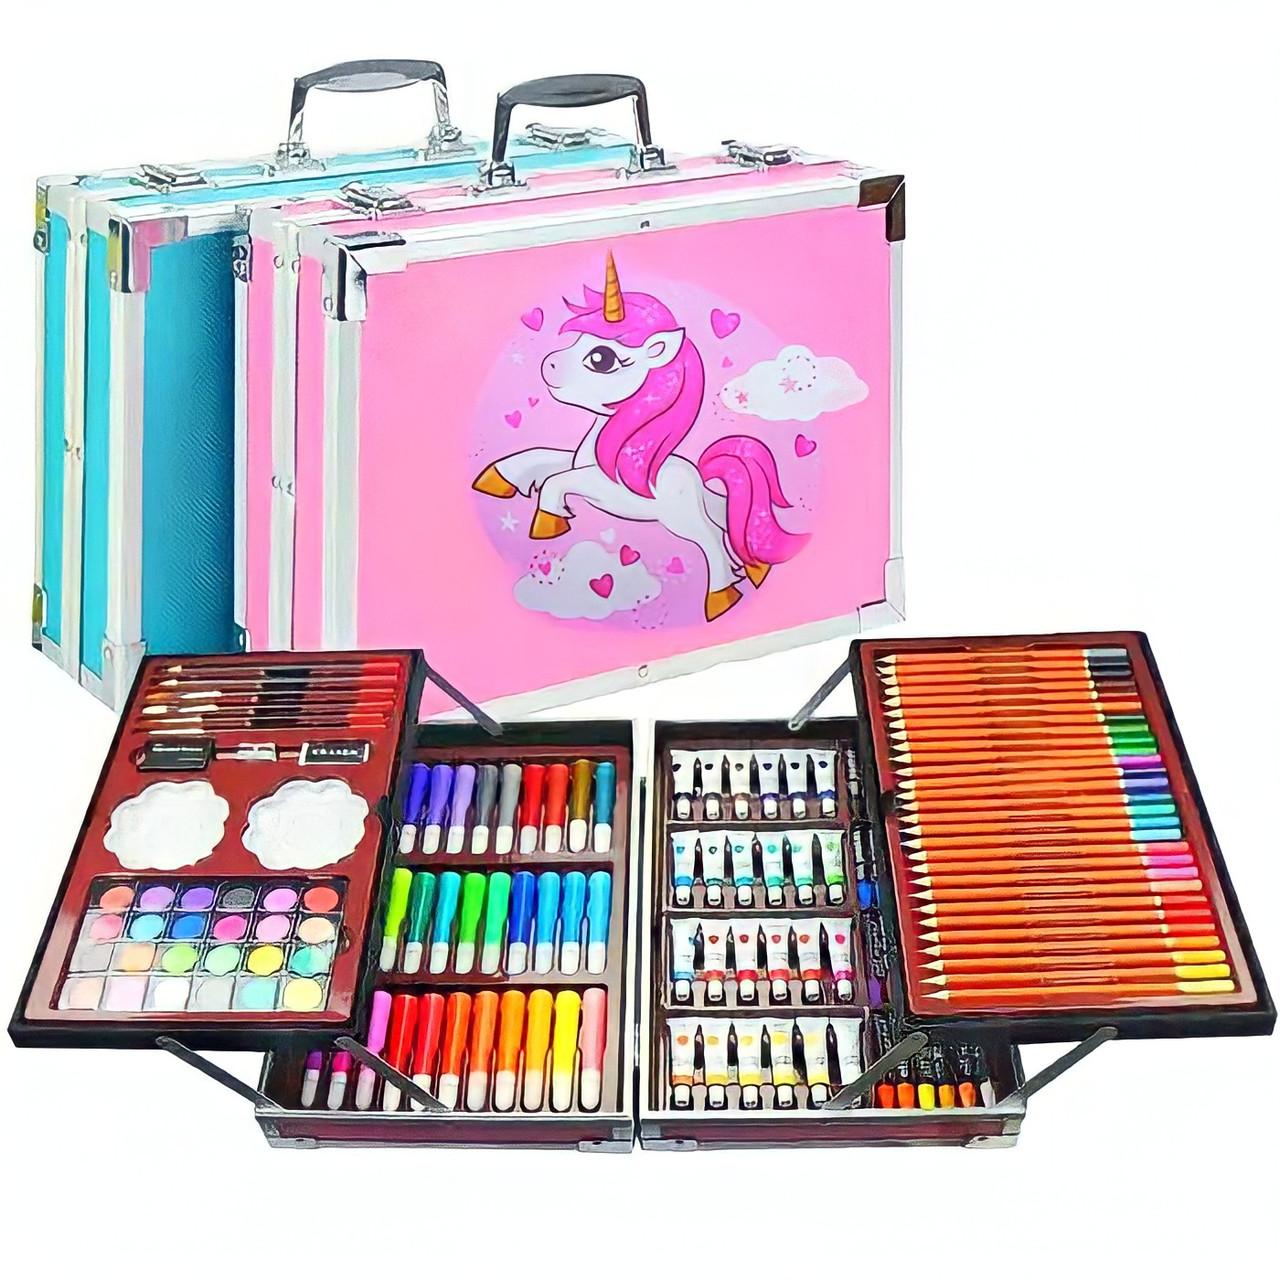 Художественный набор для рисования 145 предметов в алюминиевом чемоданчике | Набор для творчества Единорог